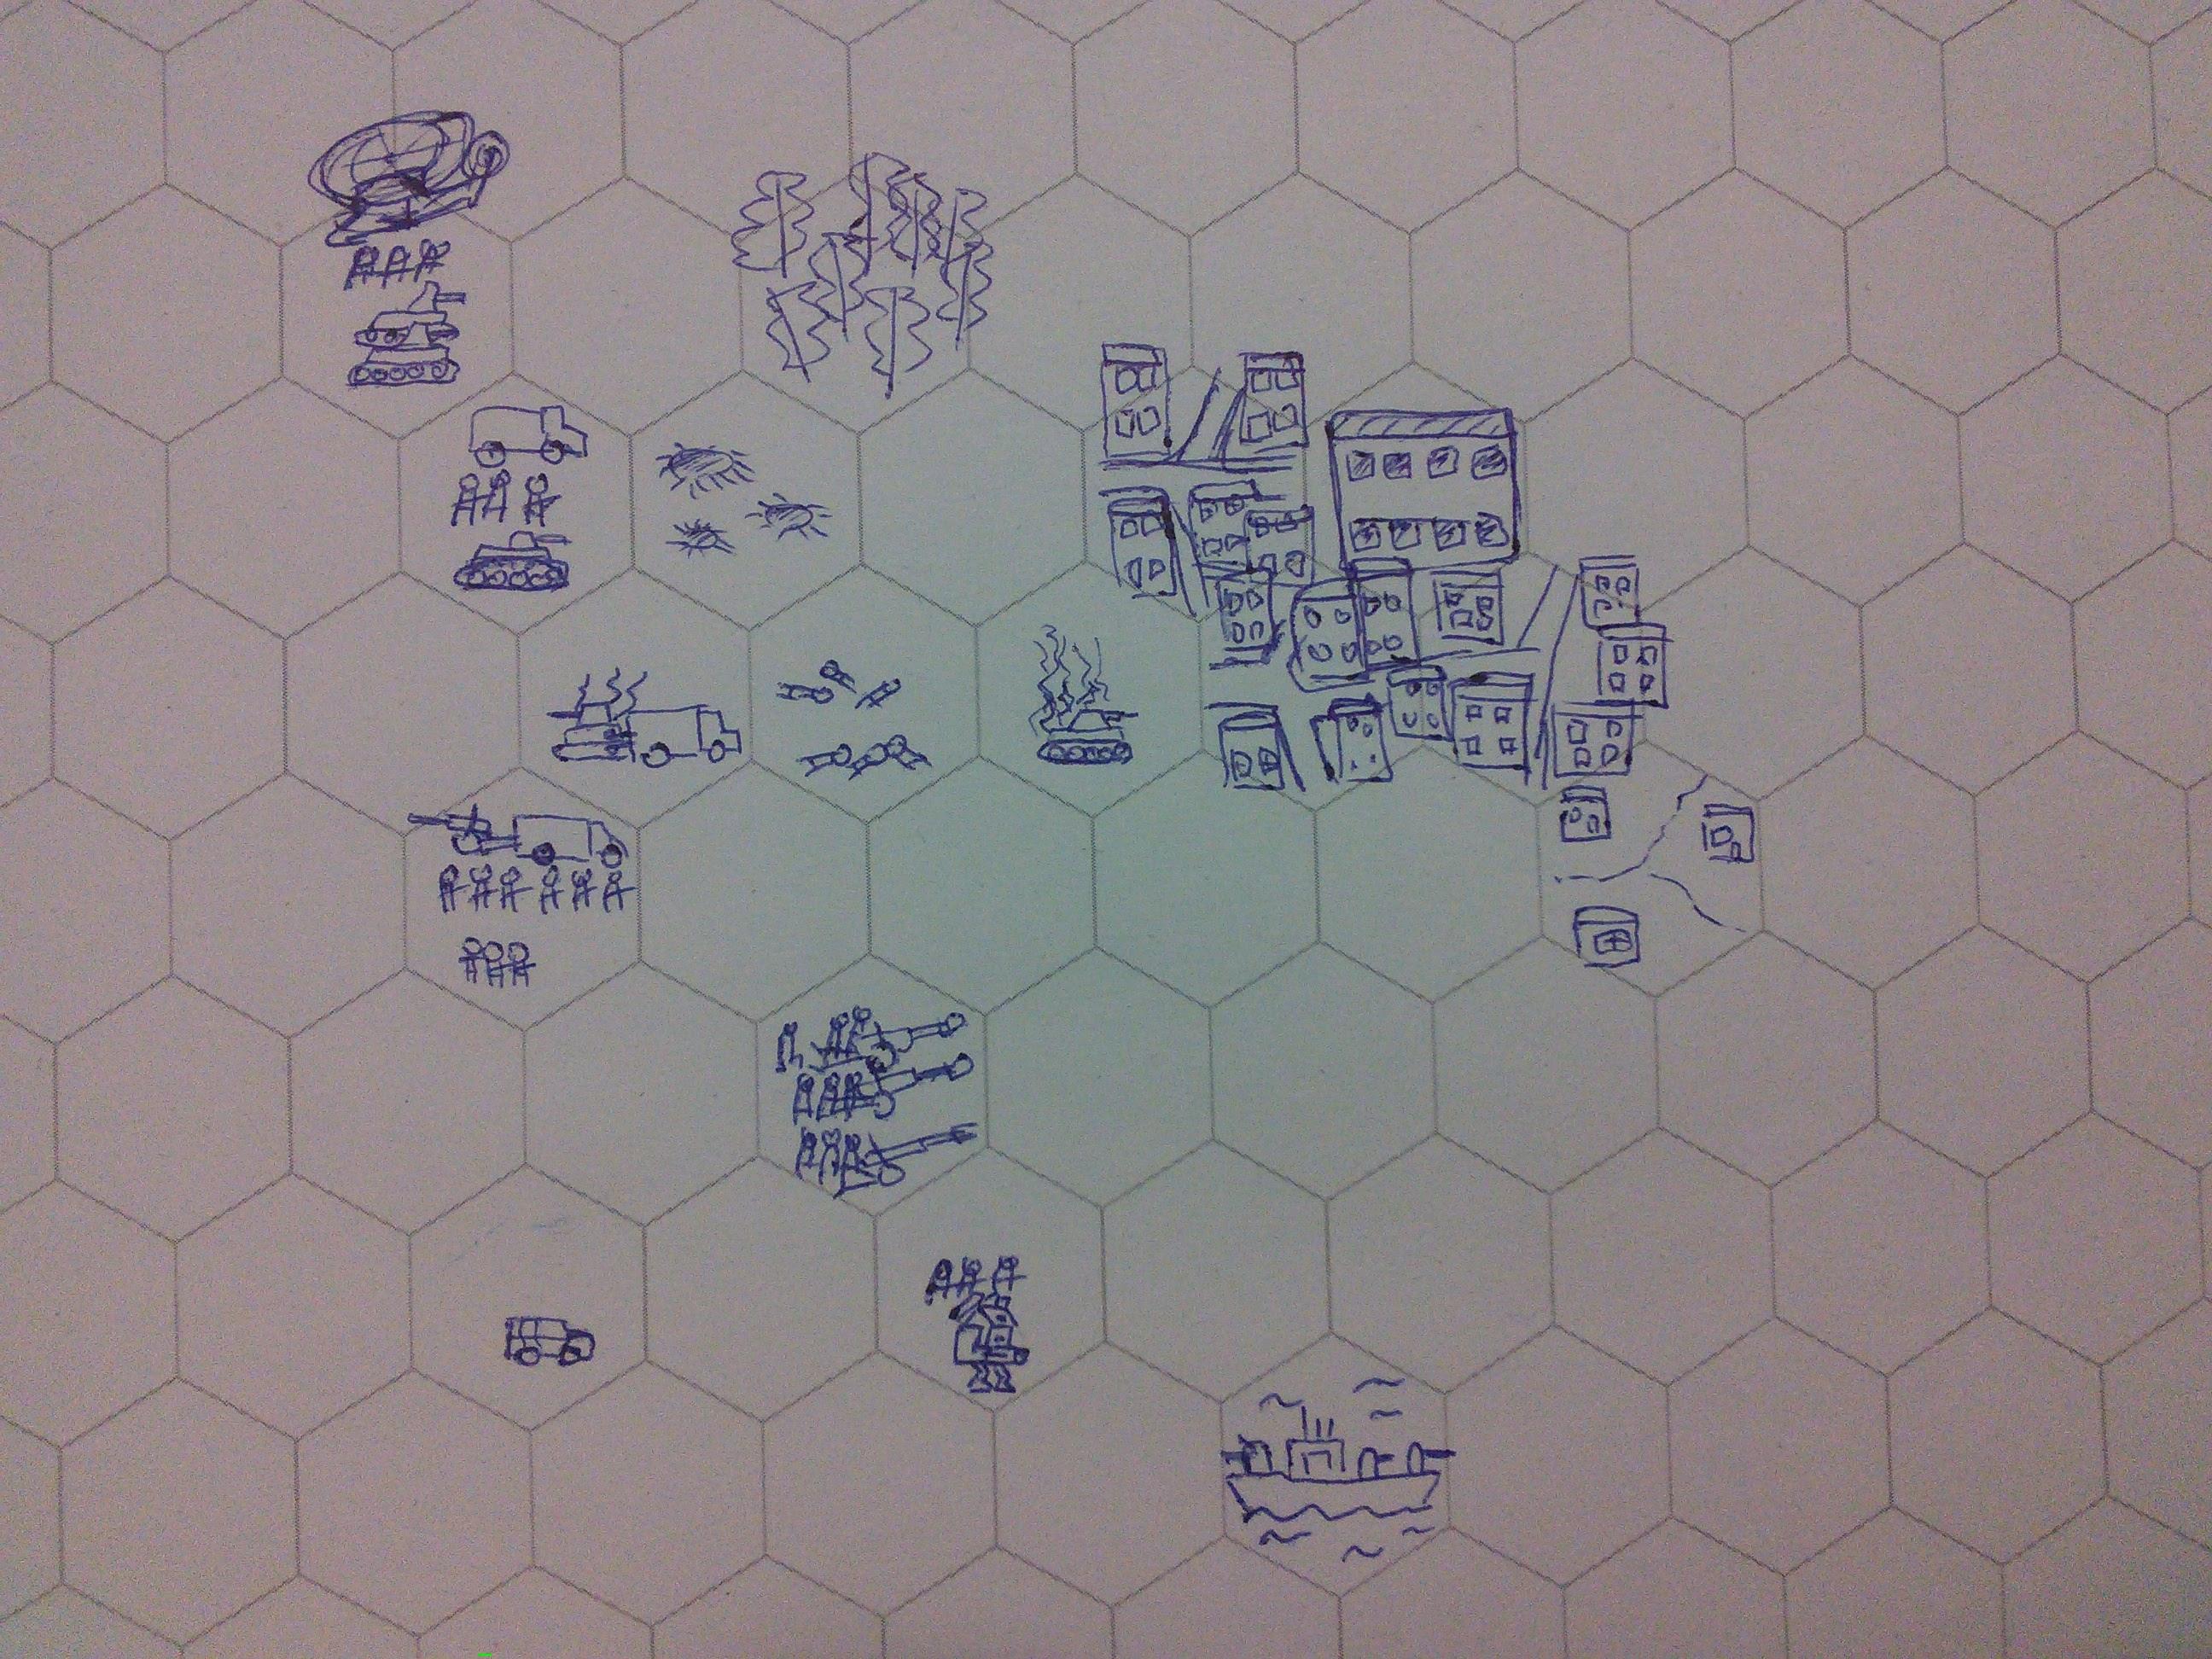 Набросок 2д варианта с абстрактными городами